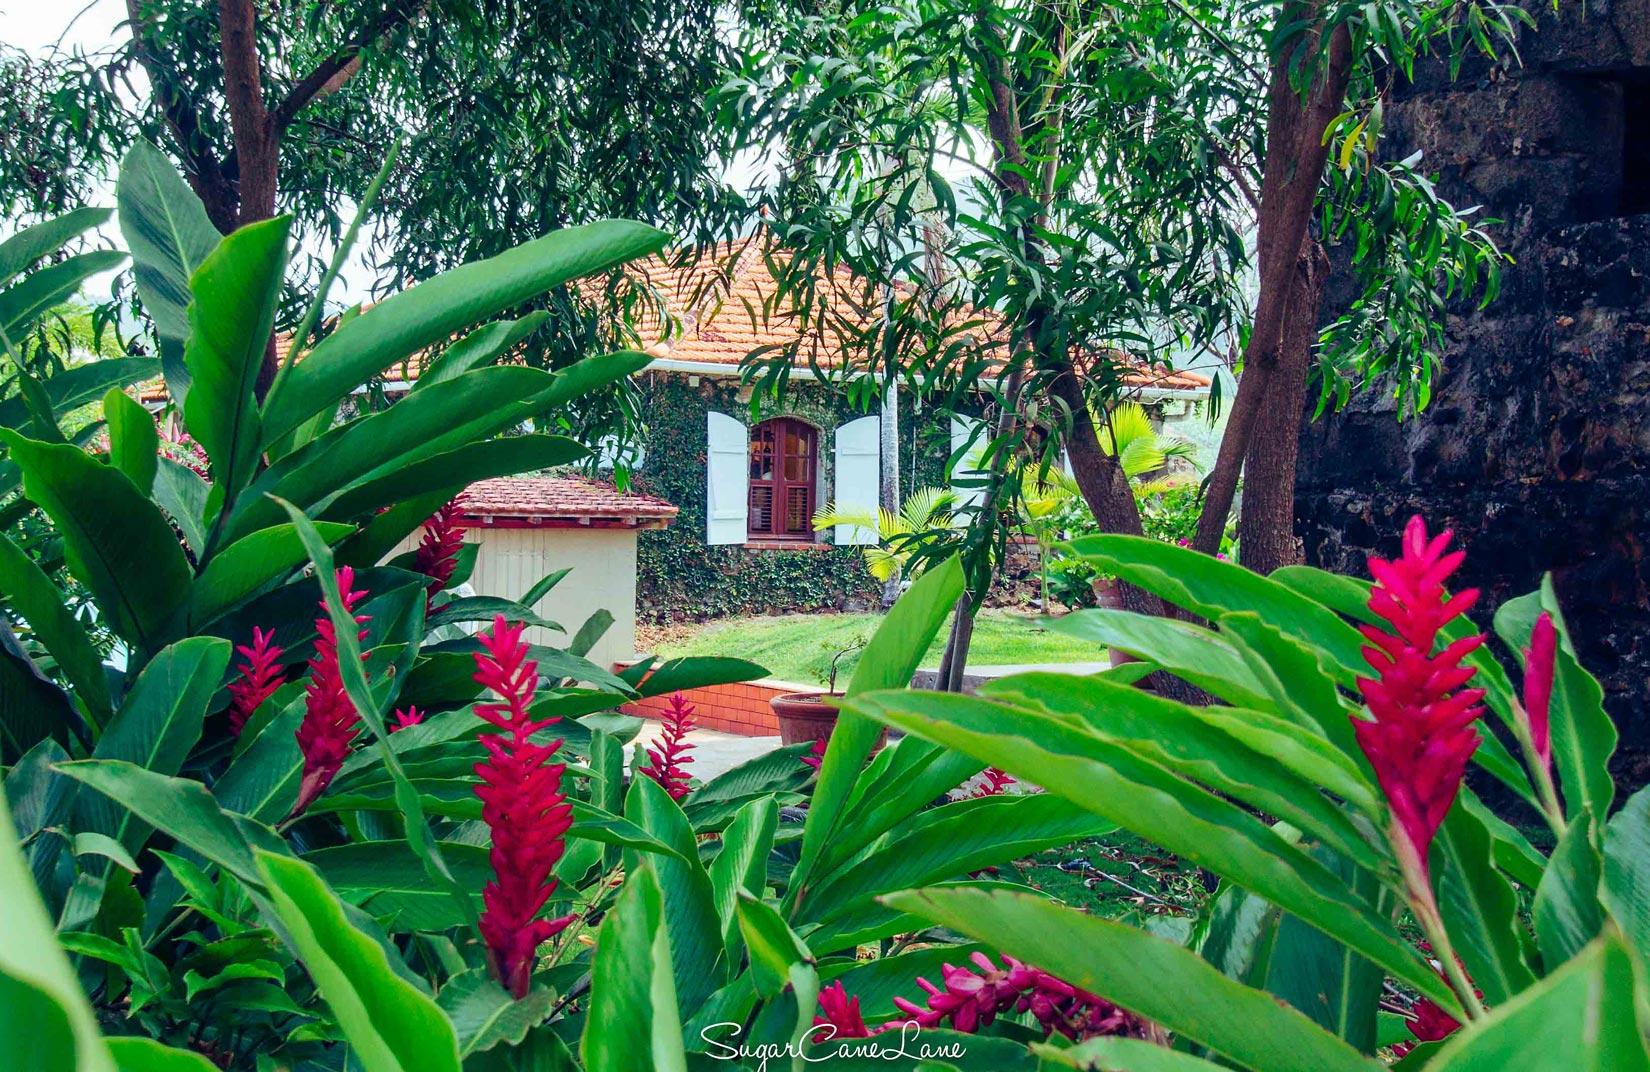 martinique, habitation du simon : allée de cocotiers